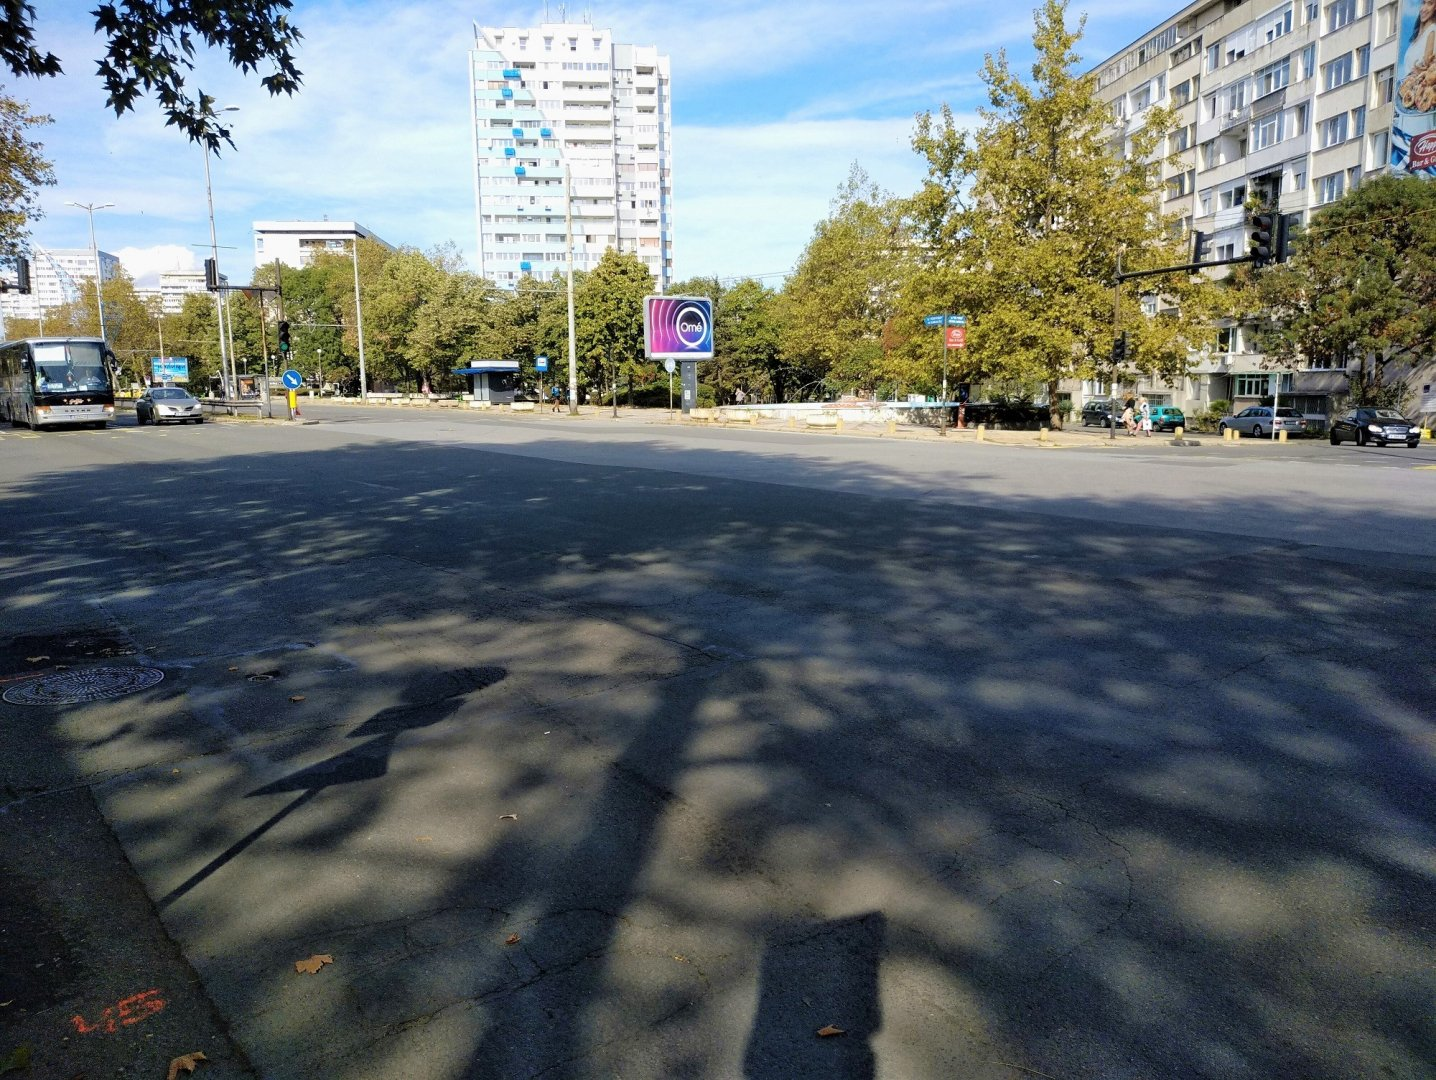 Шофьорите трябва да бъдат внимателни при движение в този участък. Снимка Община Бургас